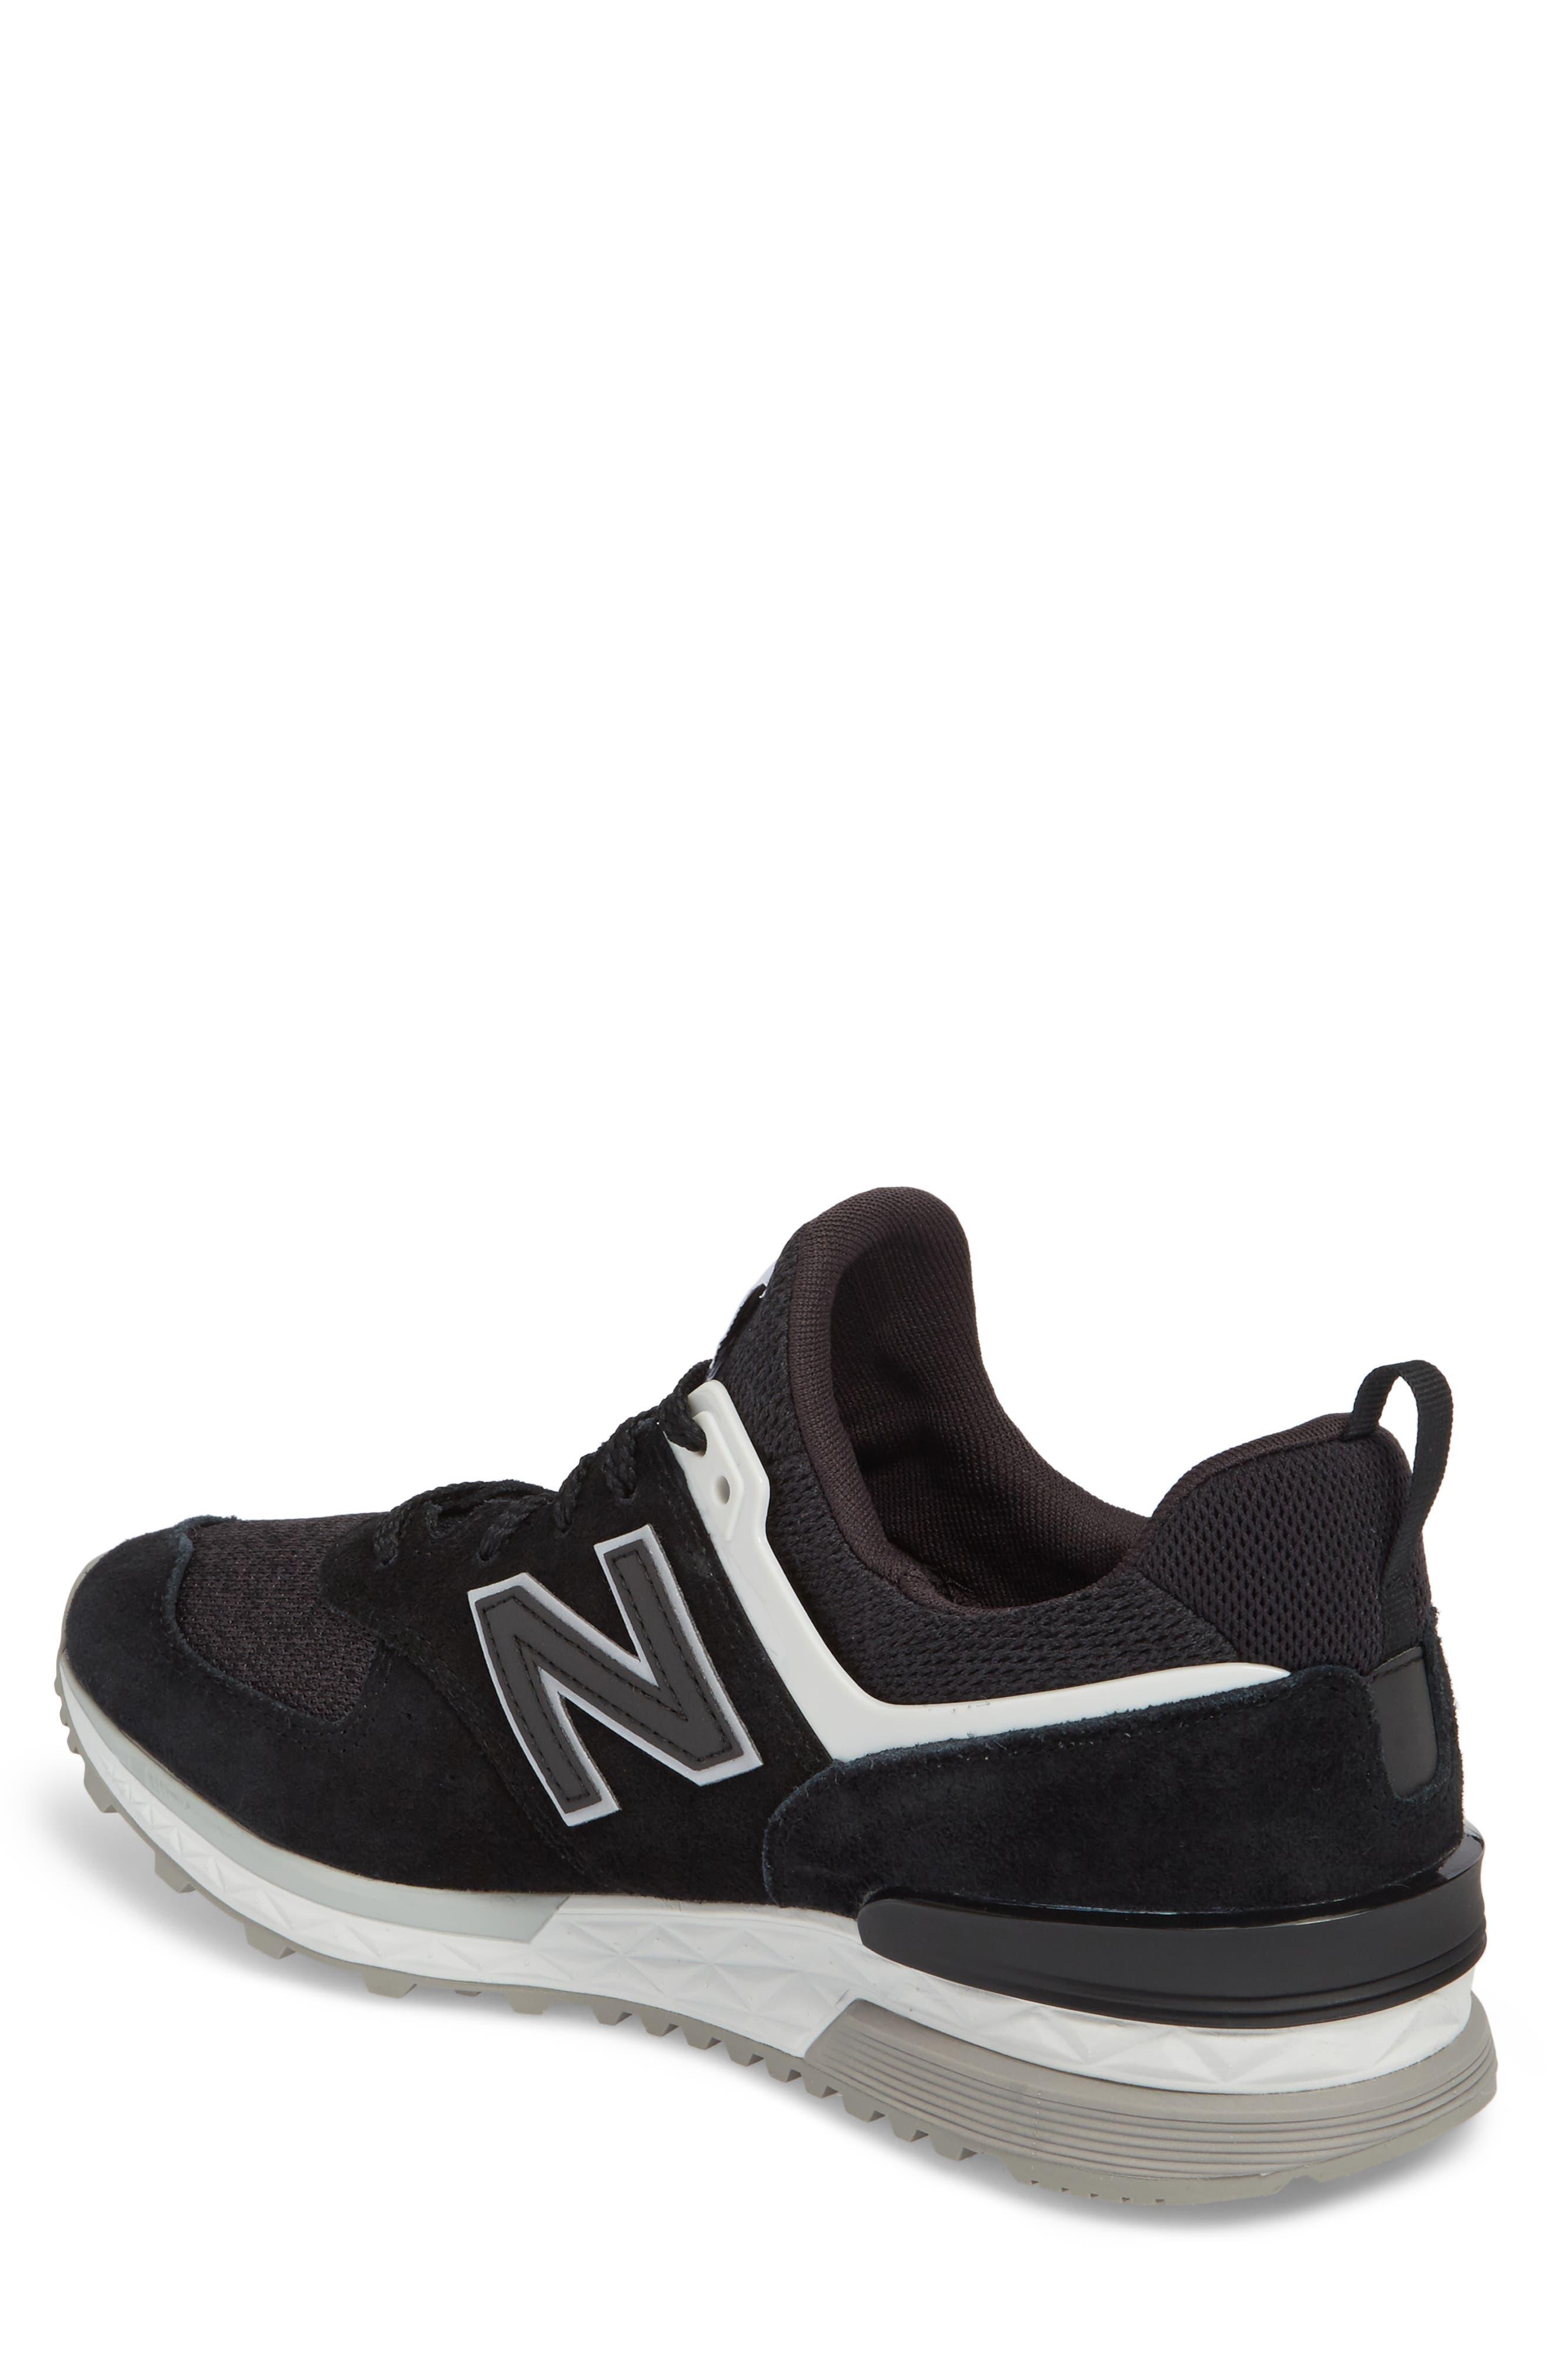 Alternate Image 2  - New Balance 574 Sport Sneaker (Men)